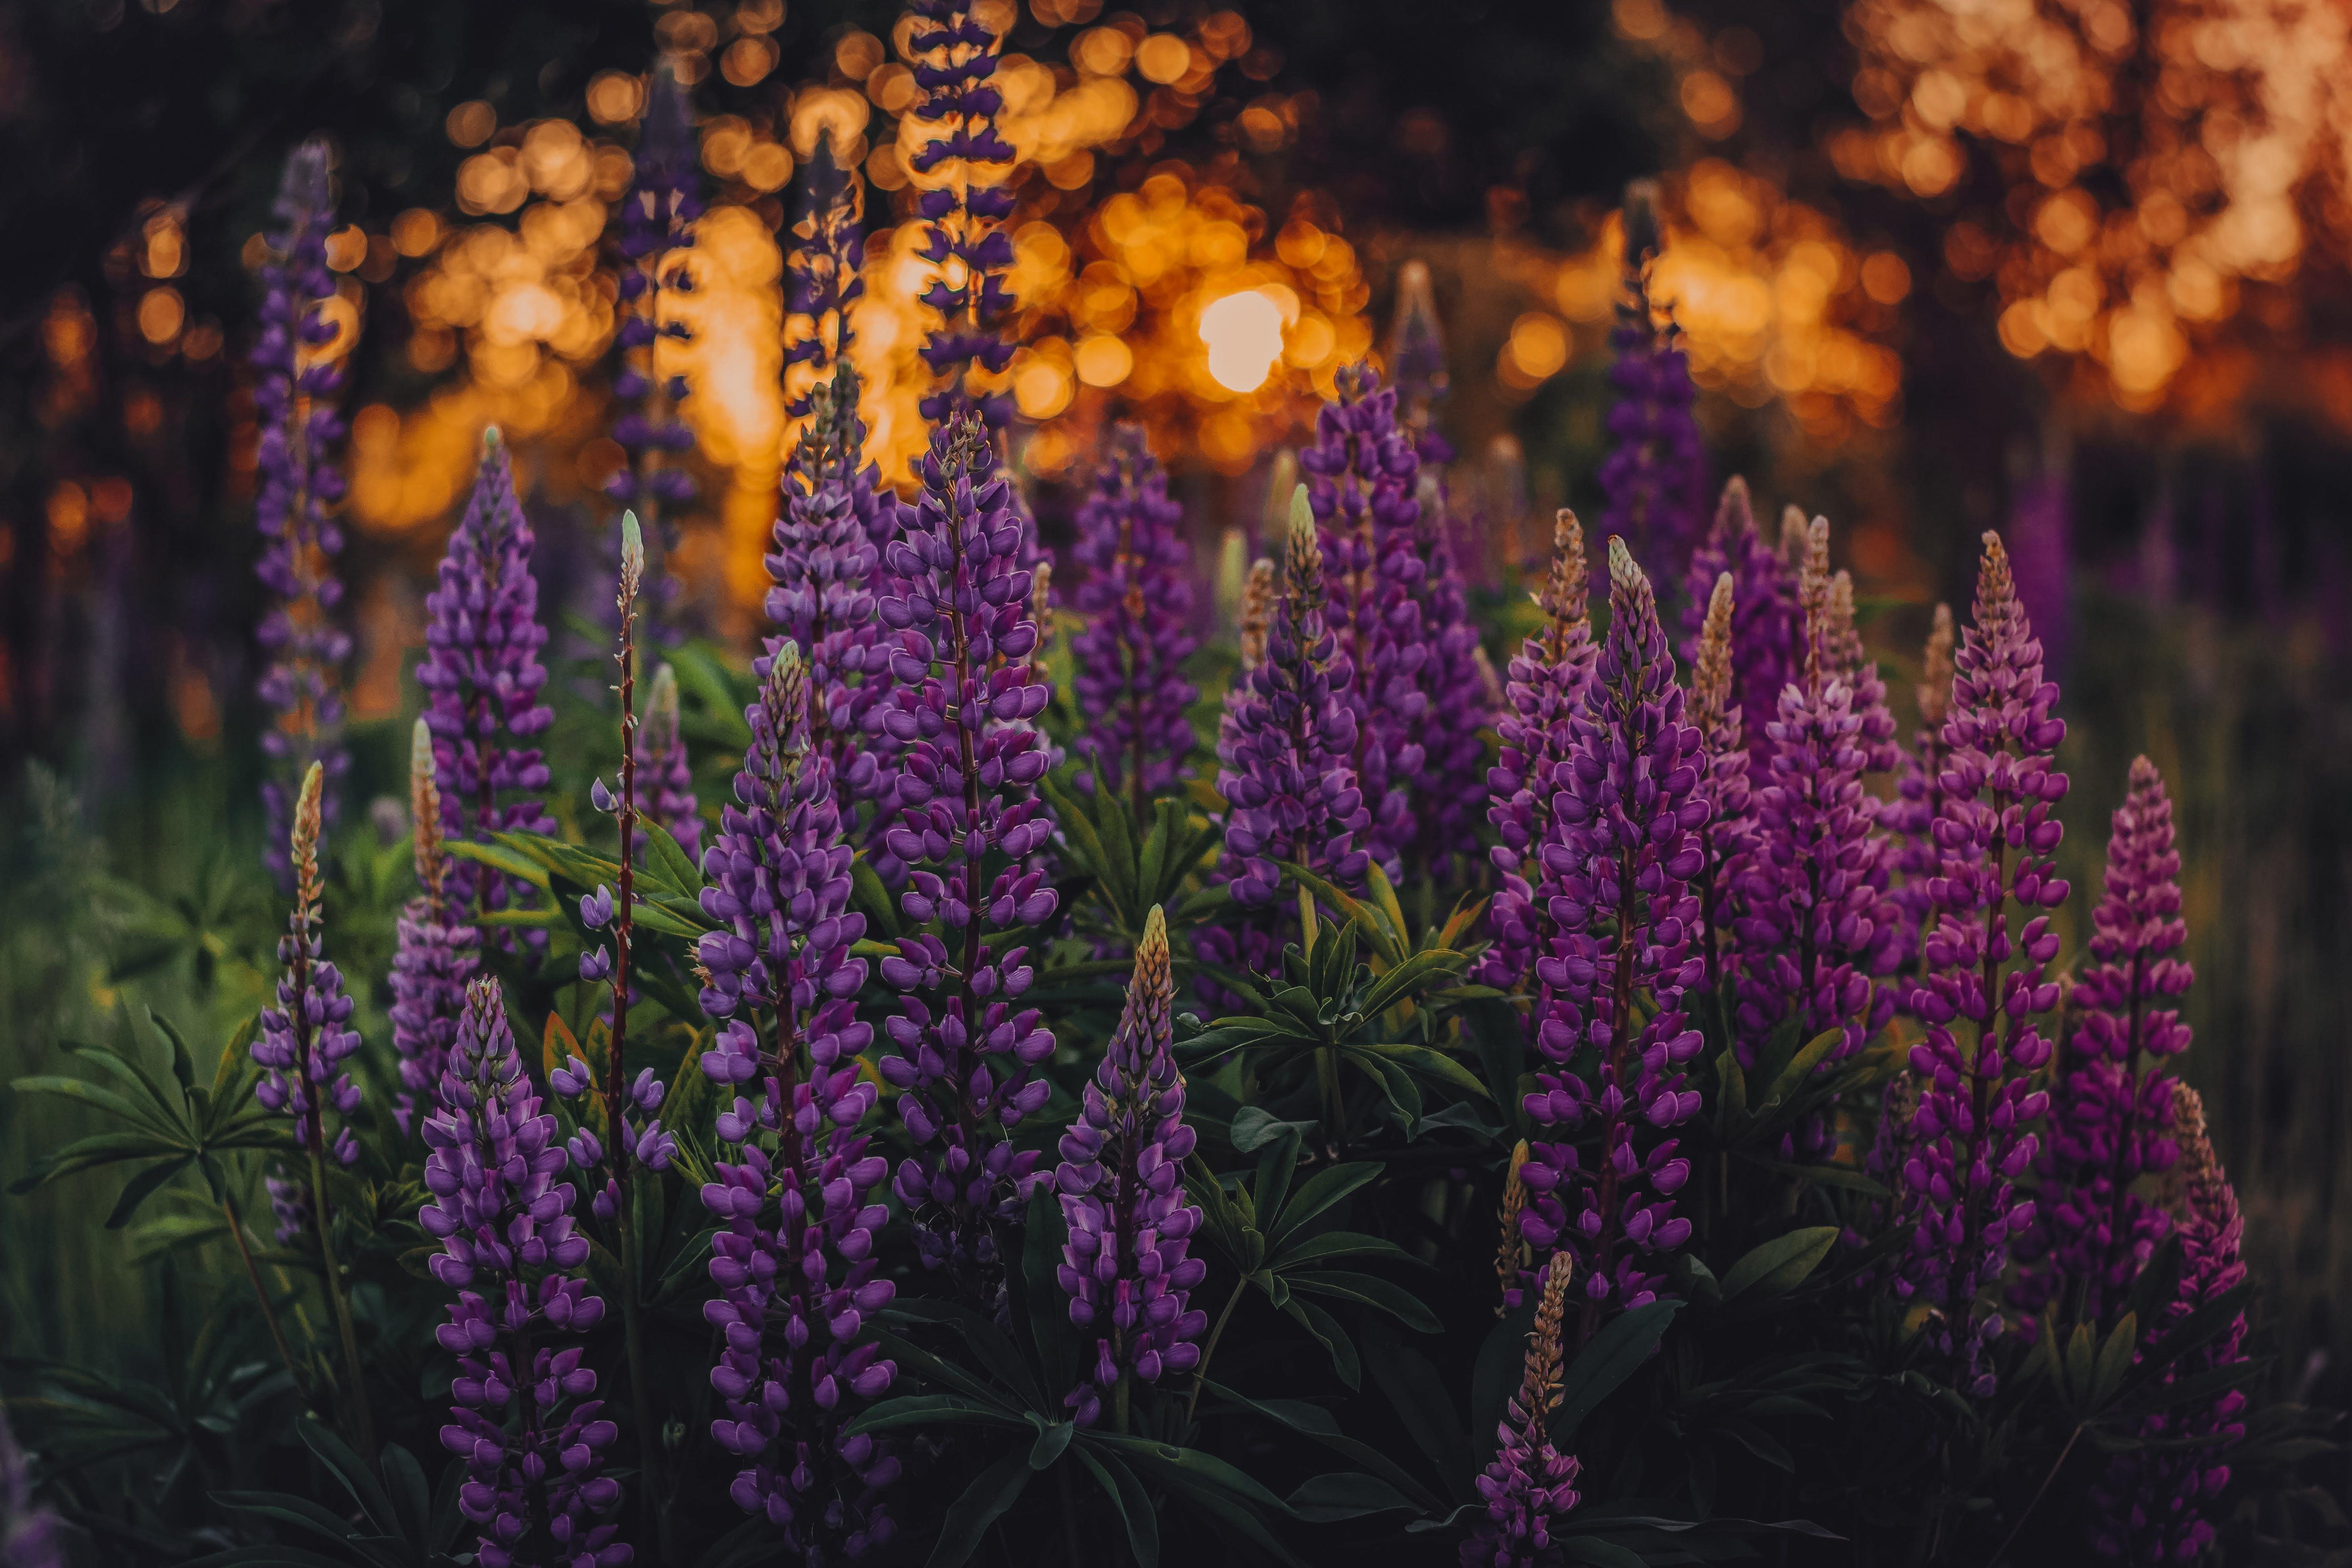 Kostenloses Stock Foto zu blumen, blüte, bokeh, draußen